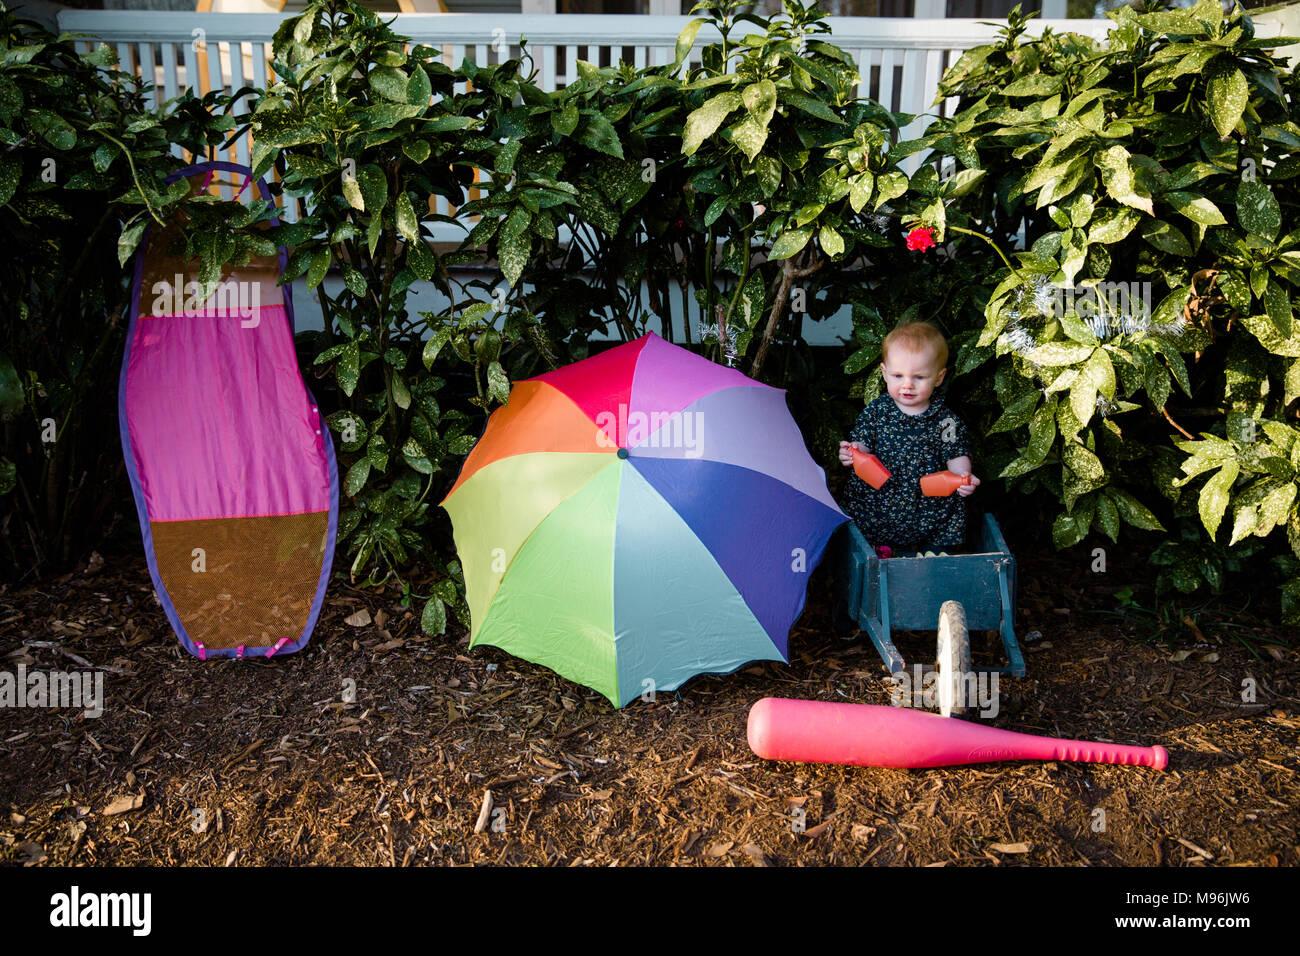 Ragazza seduta accanto a ombrello luminoso Immagini Stock